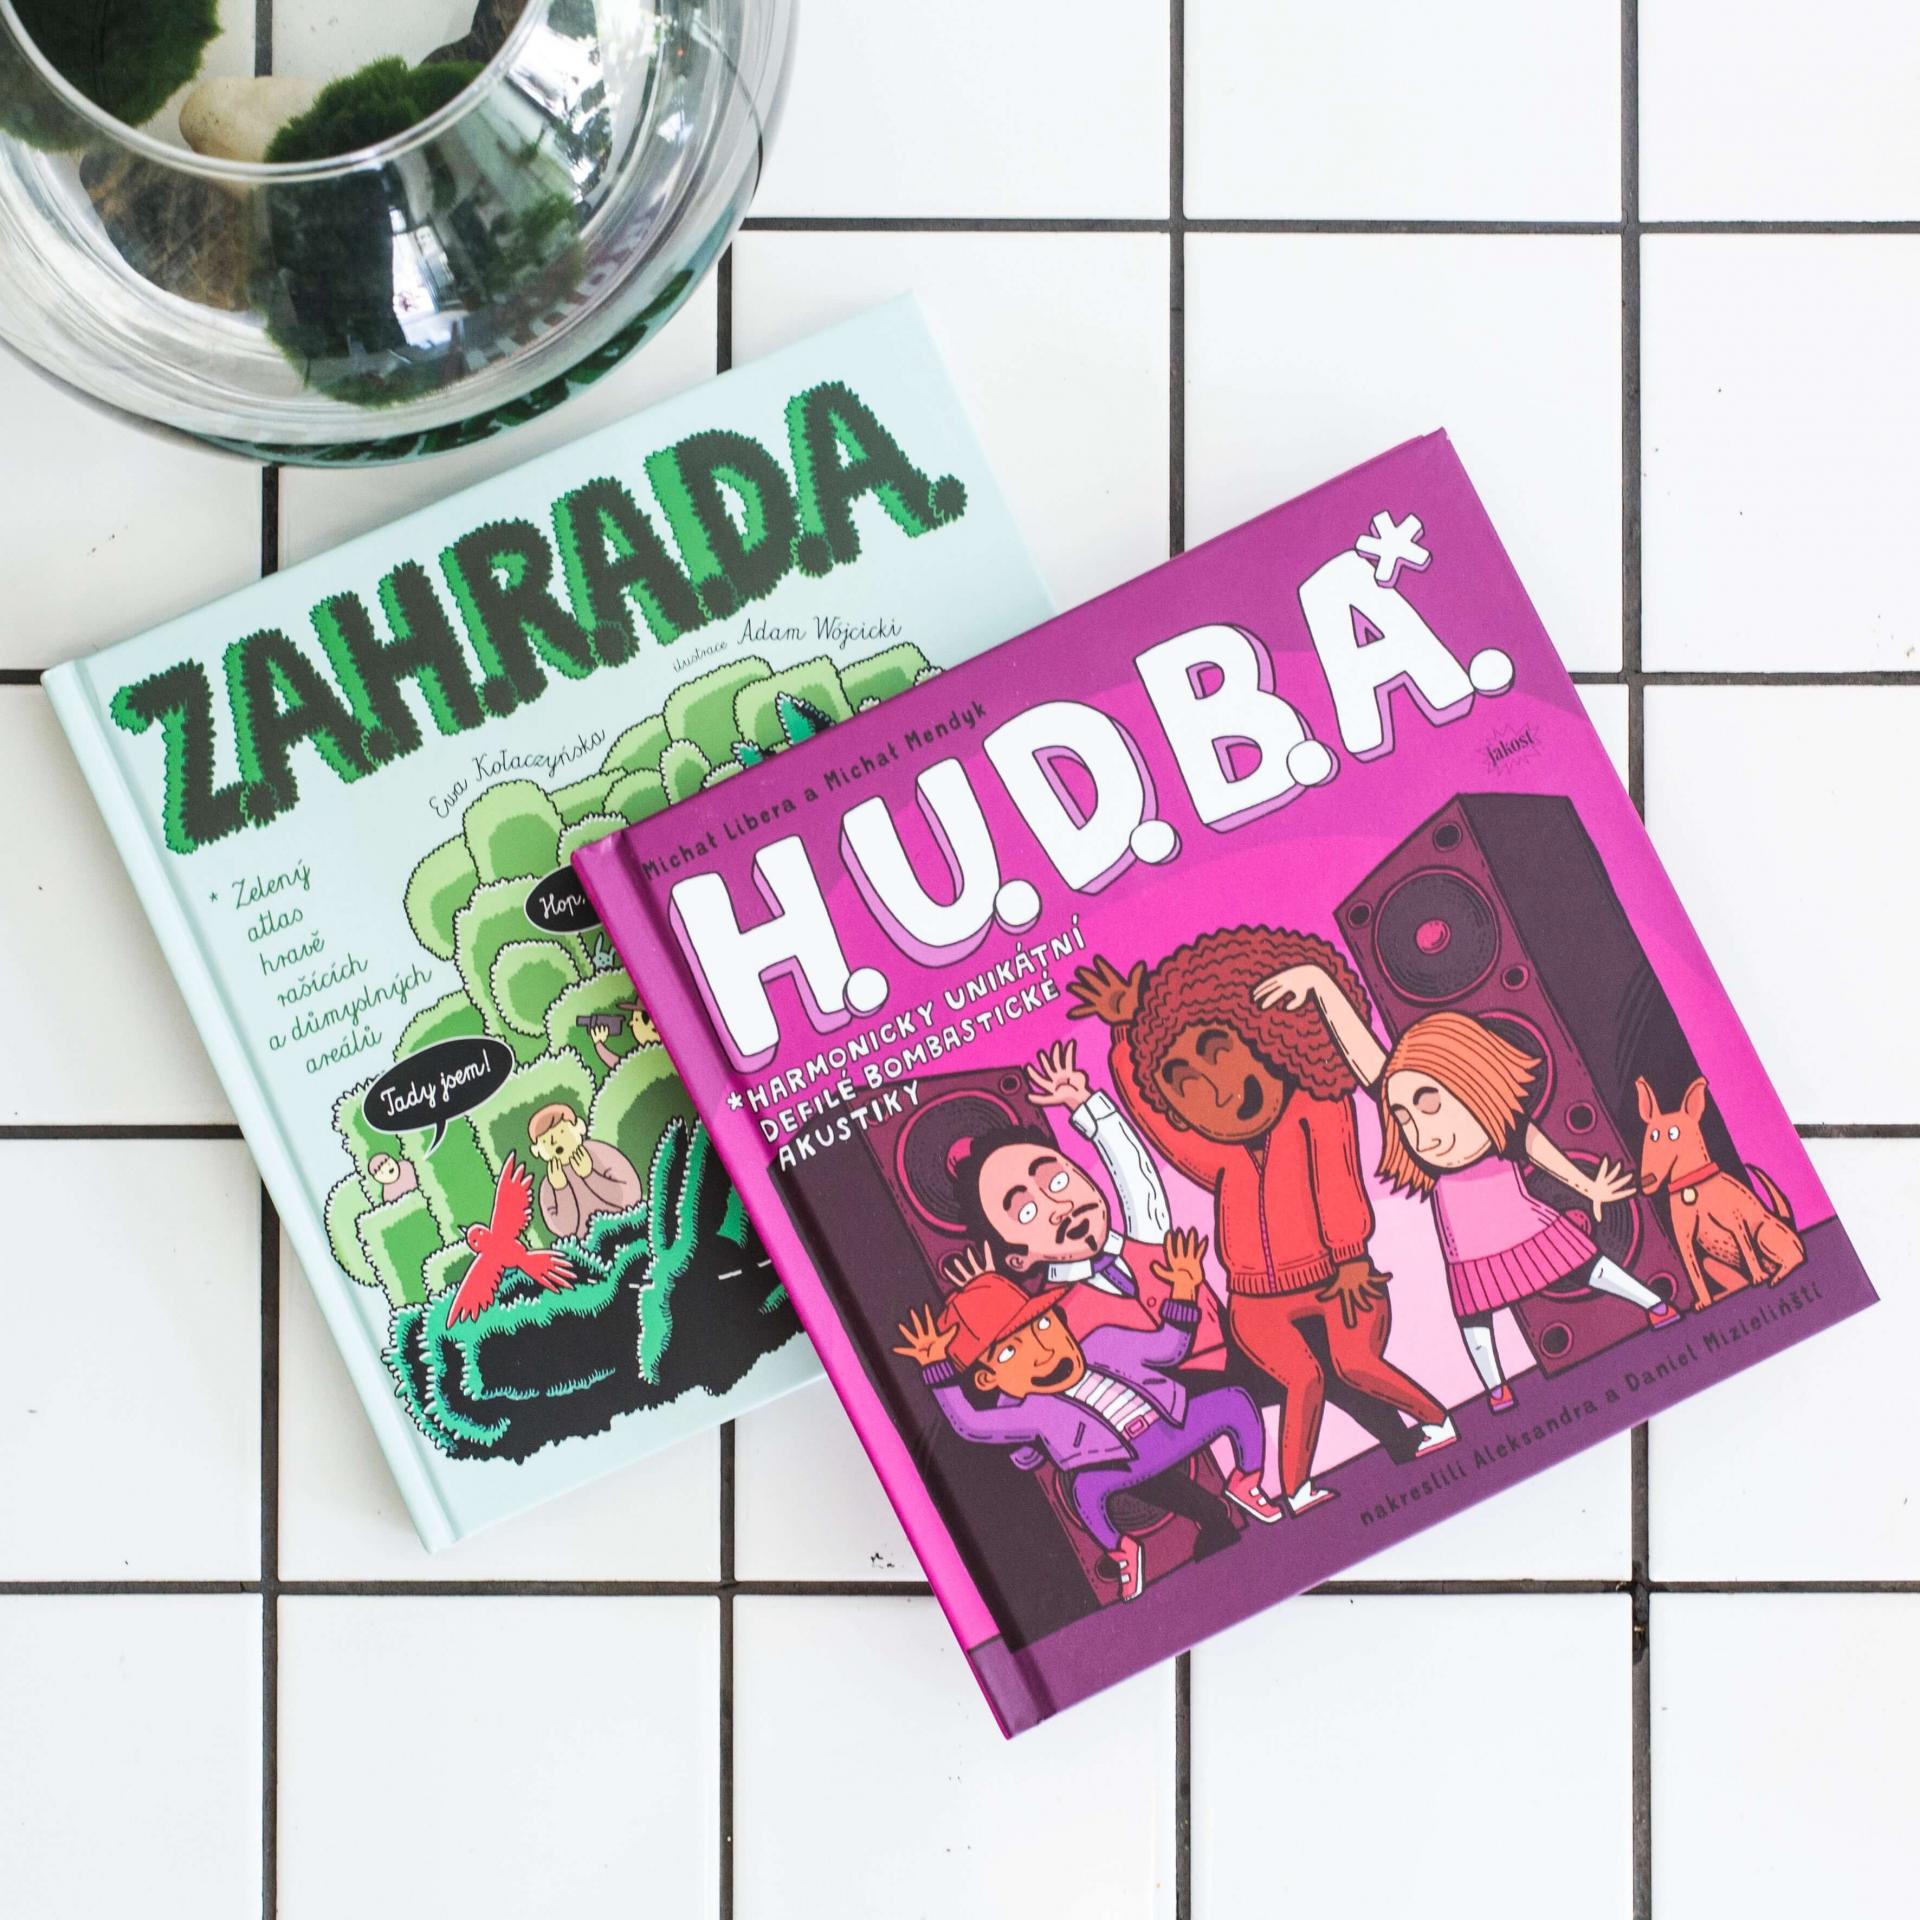 H.U.D.B.A. + Z.A.H.R.A.D.A.